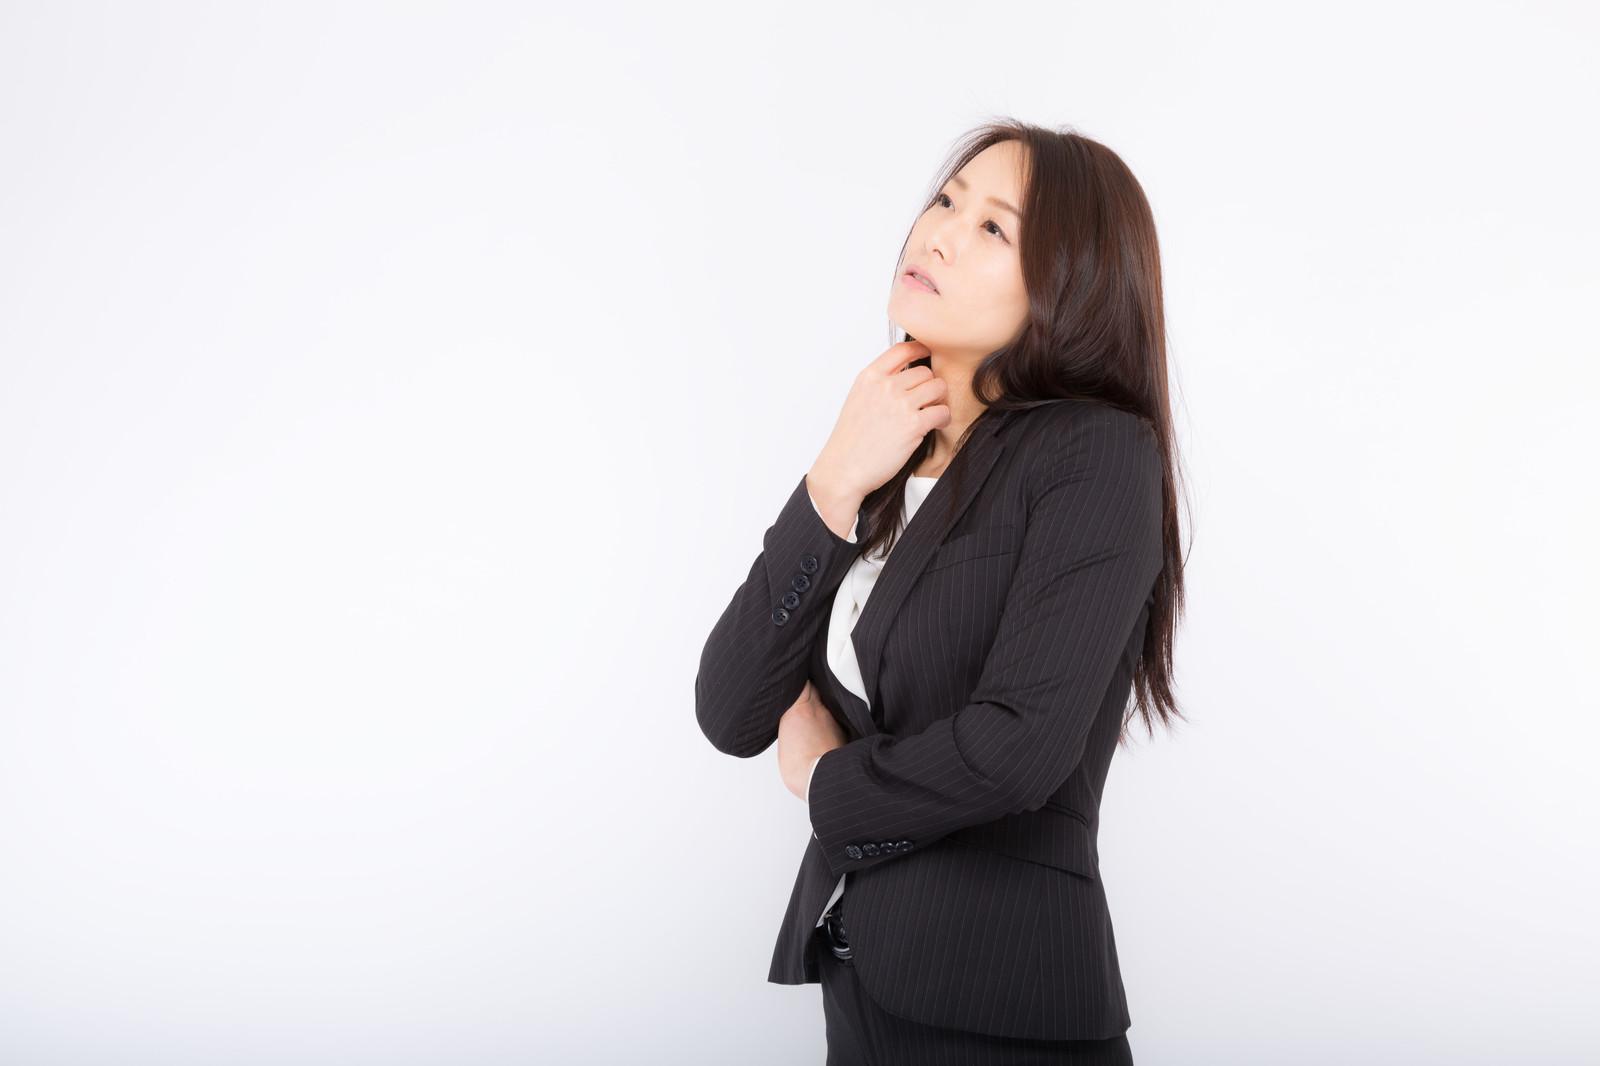 転職の最悪のシナリオを考える女性